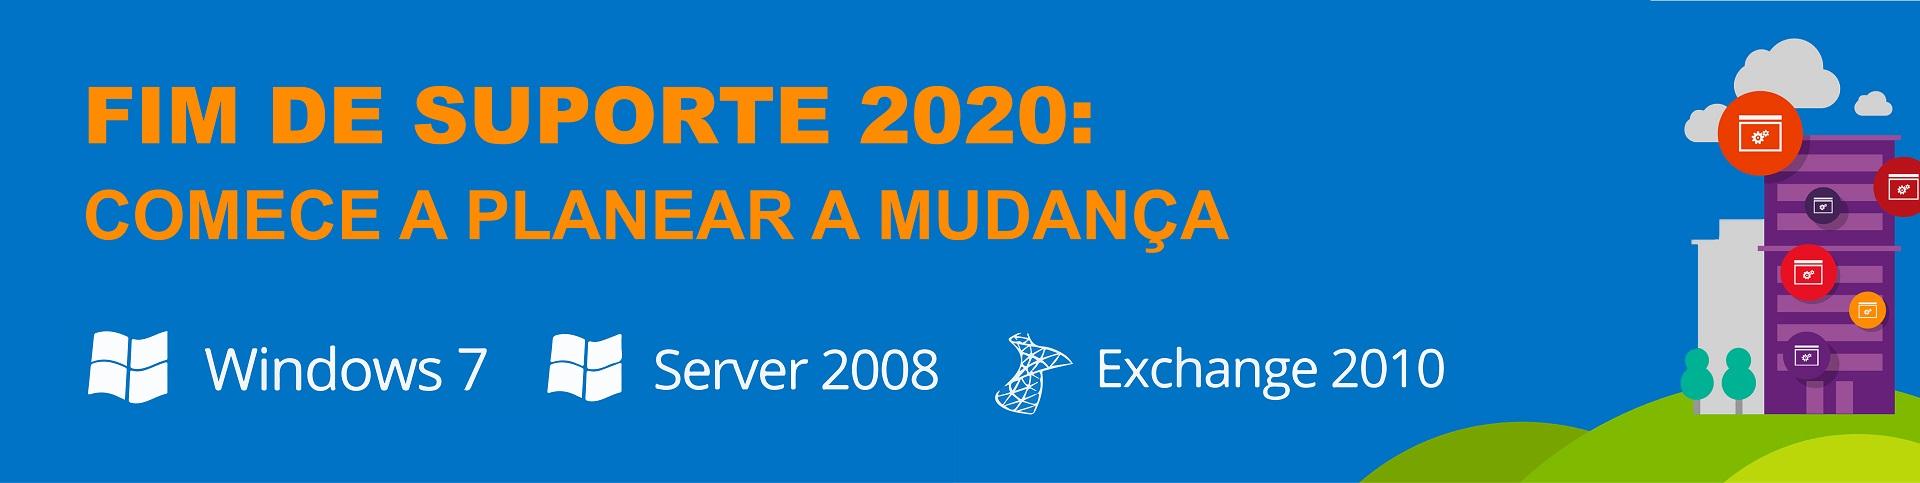 fim de suporte 2020